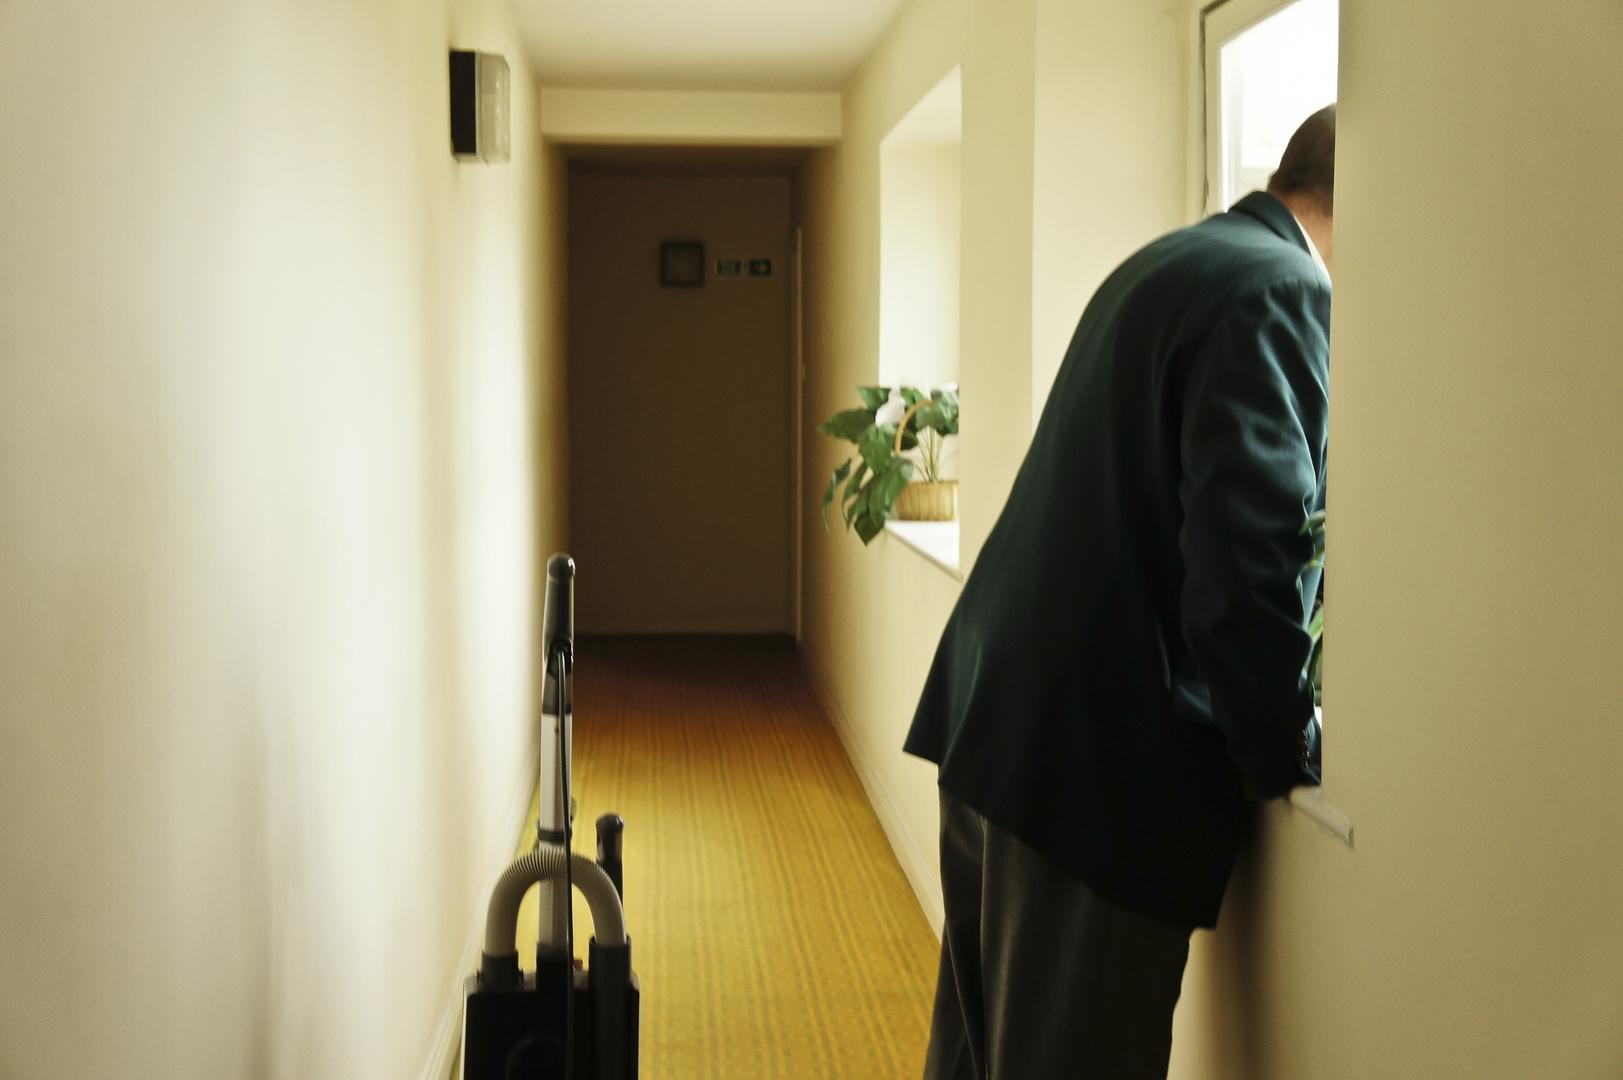 Caretaker's duty